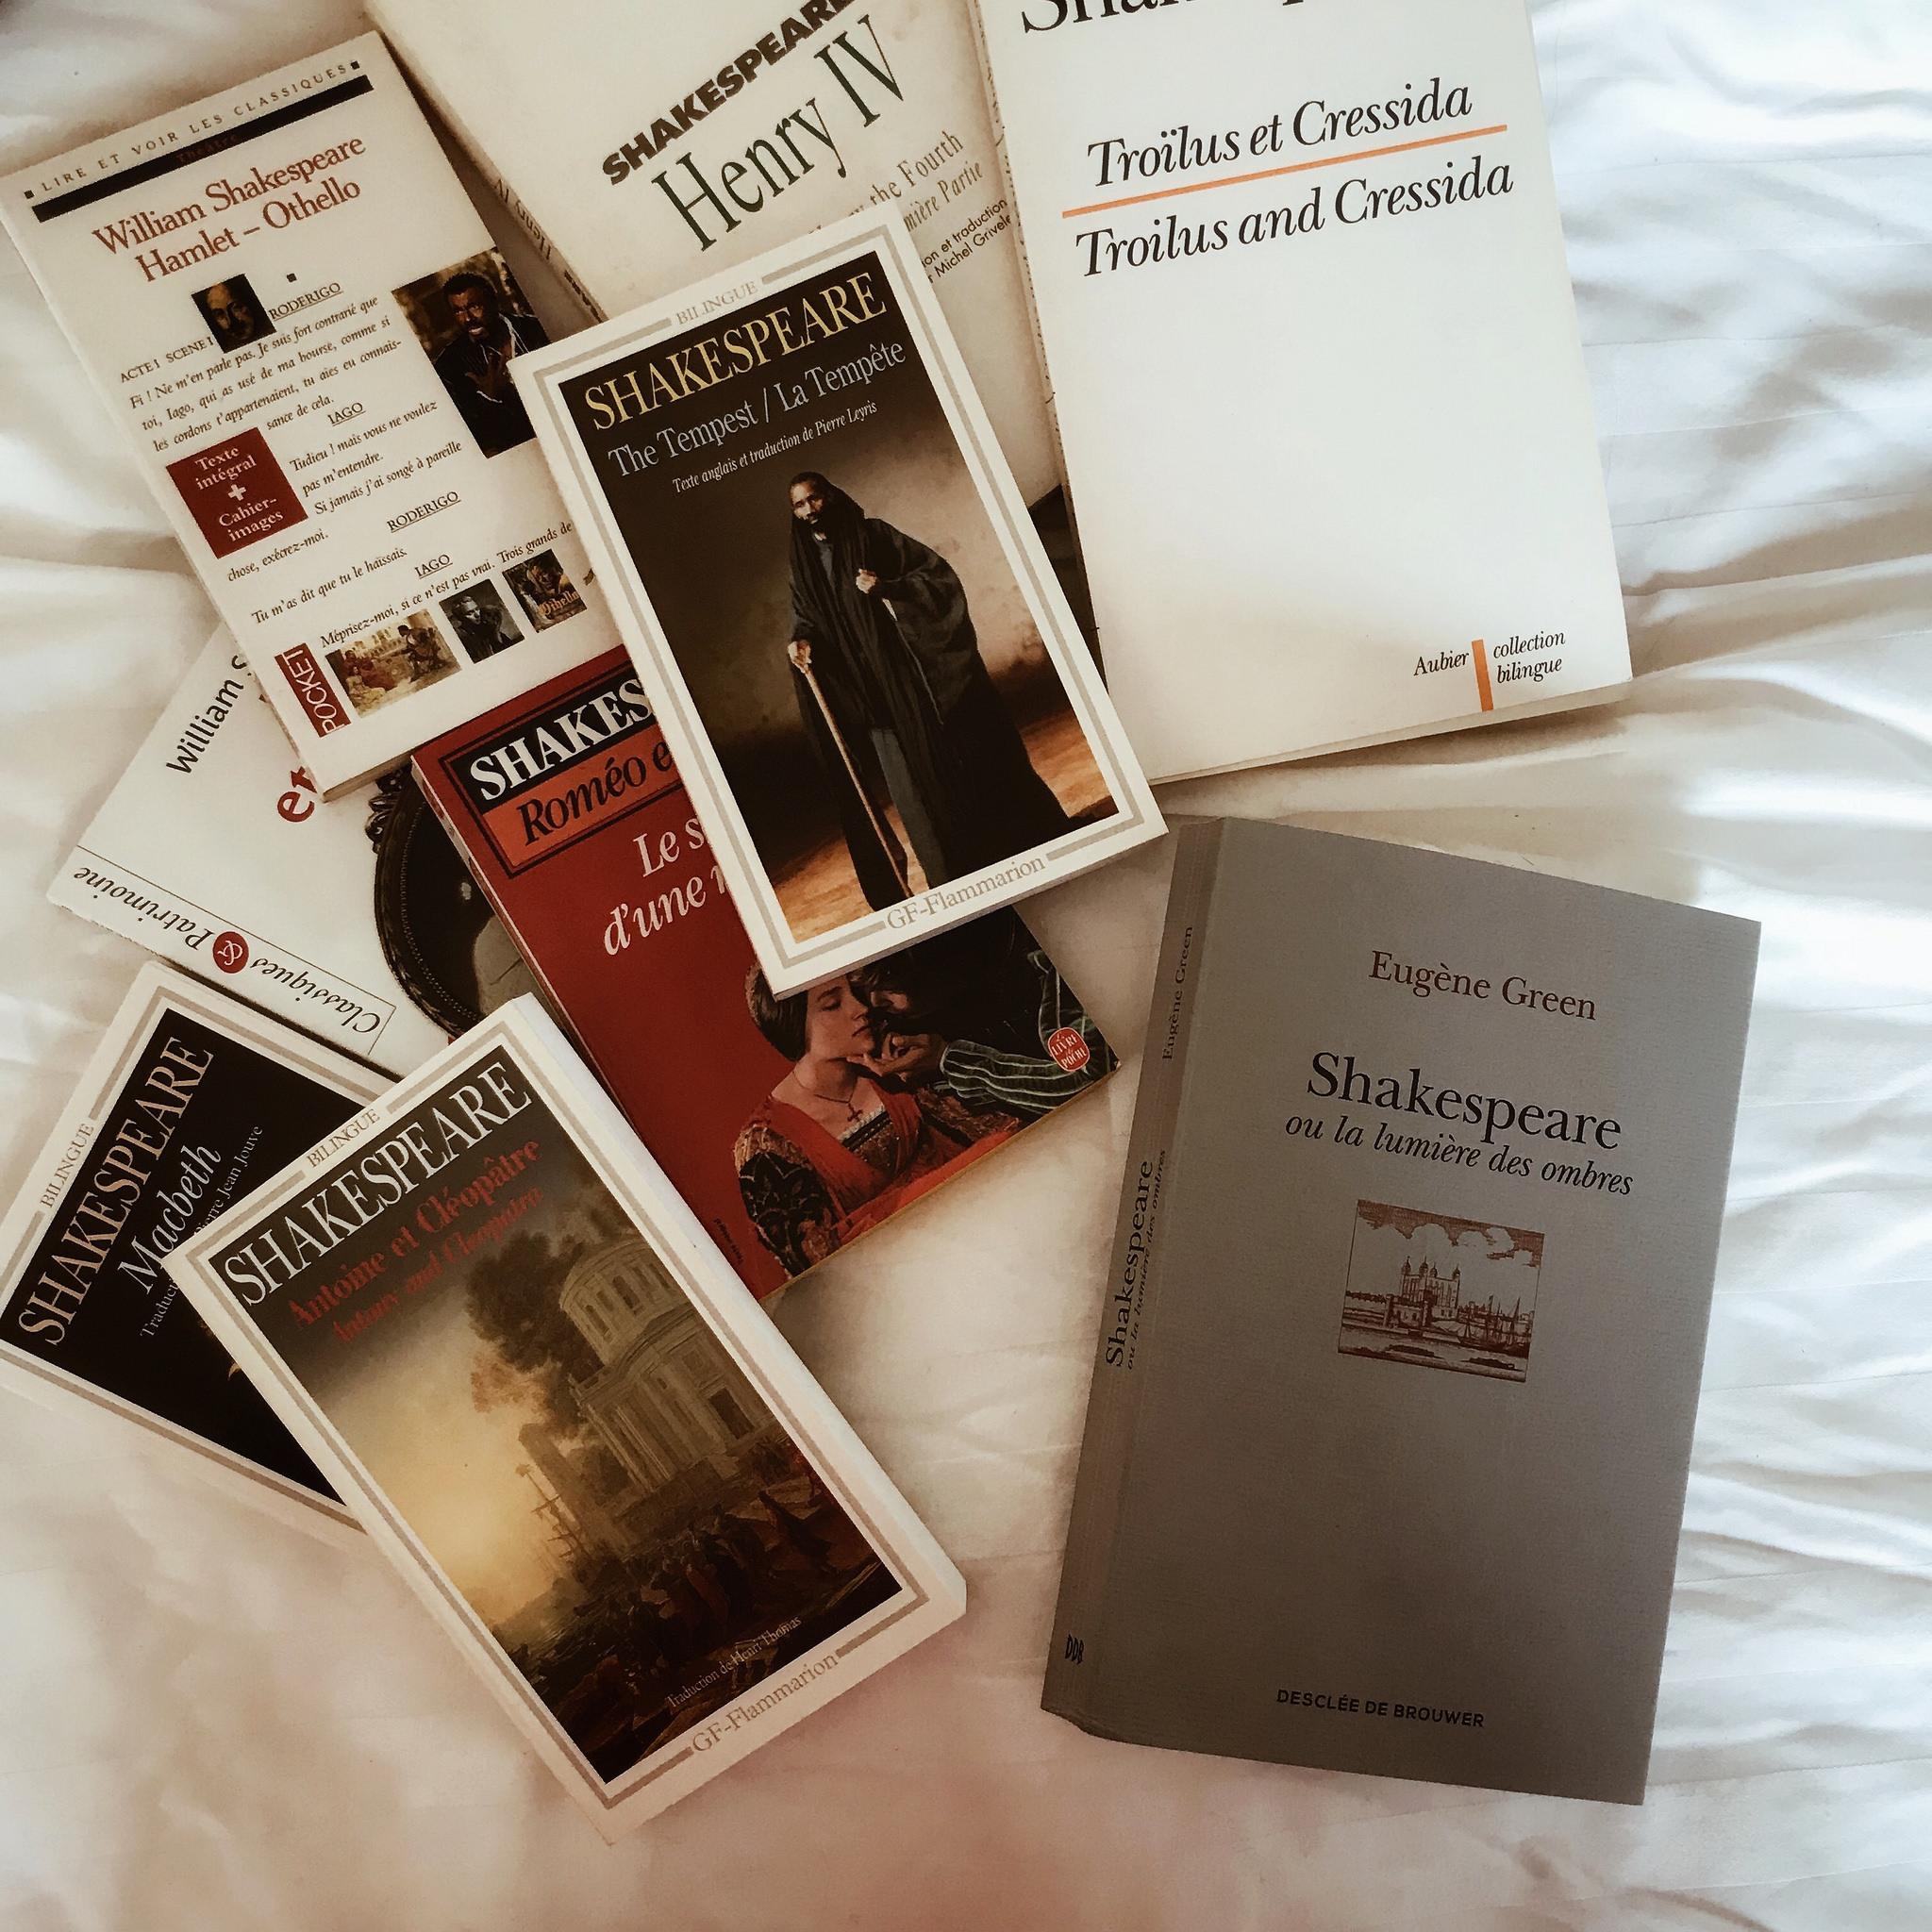 Shakespeare ou la lumière des ombres, d'Eugène Green : un génie en clair-obscur